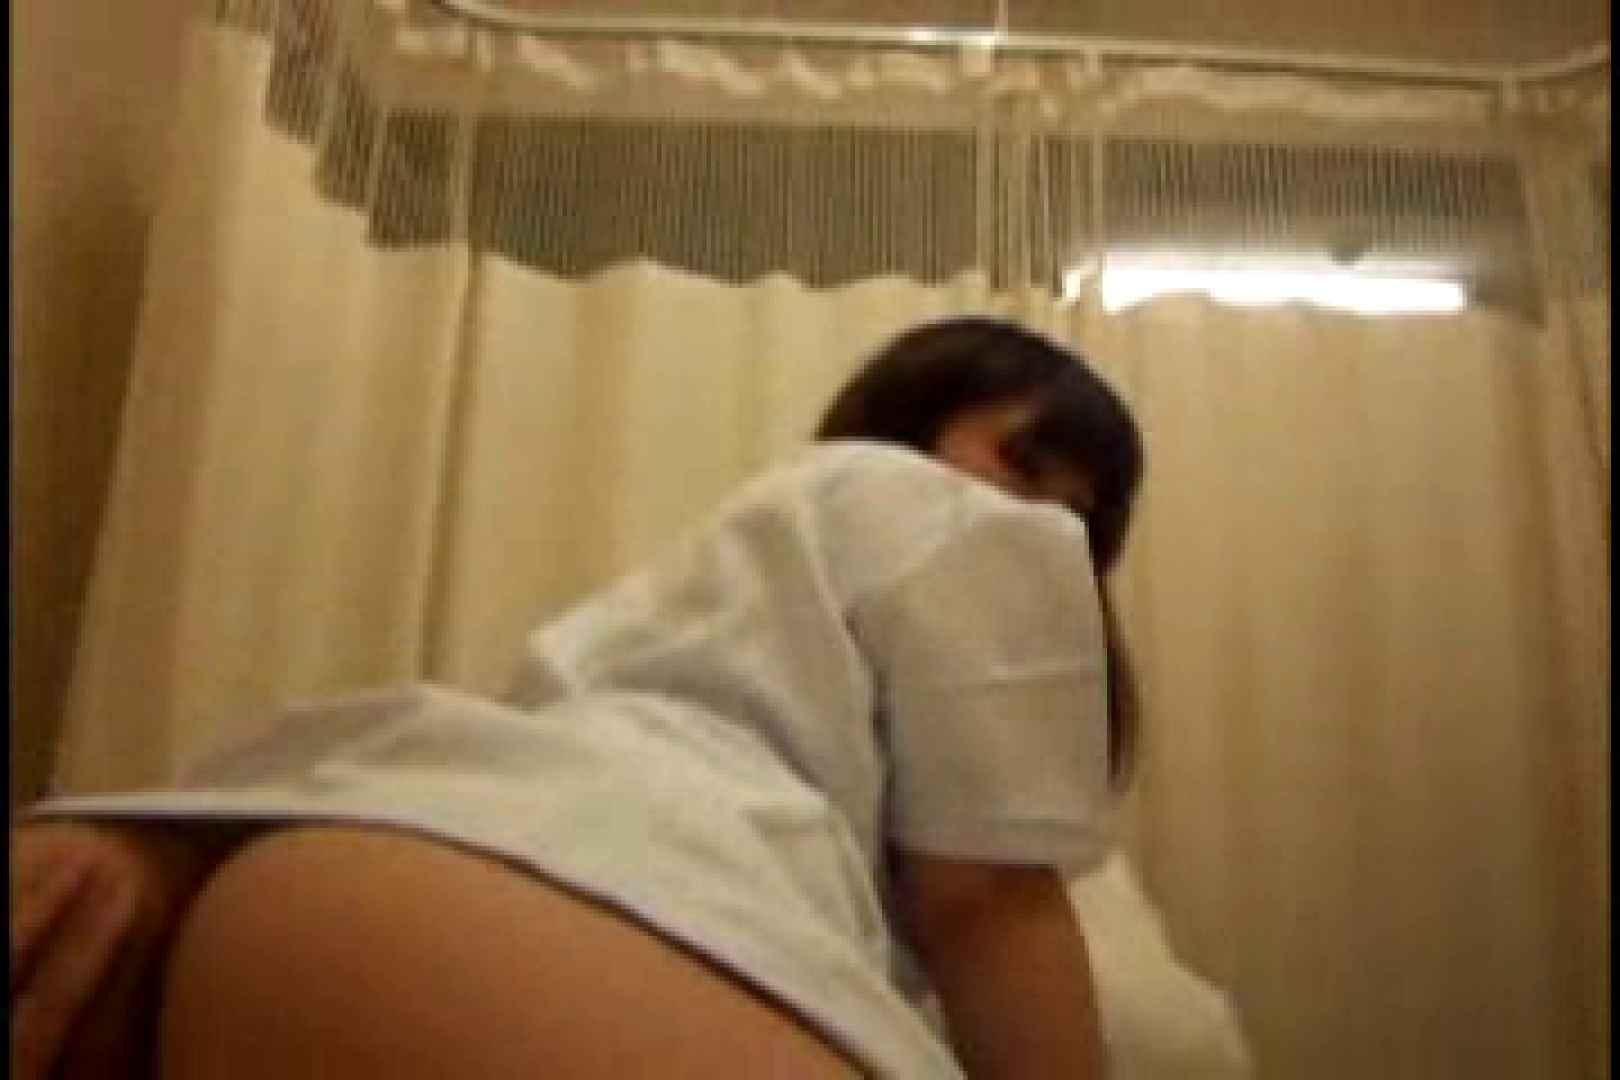 ヤリマンと呼ばれた看護士さんvol2 シックスナイン   エッチなOL  82枚 76